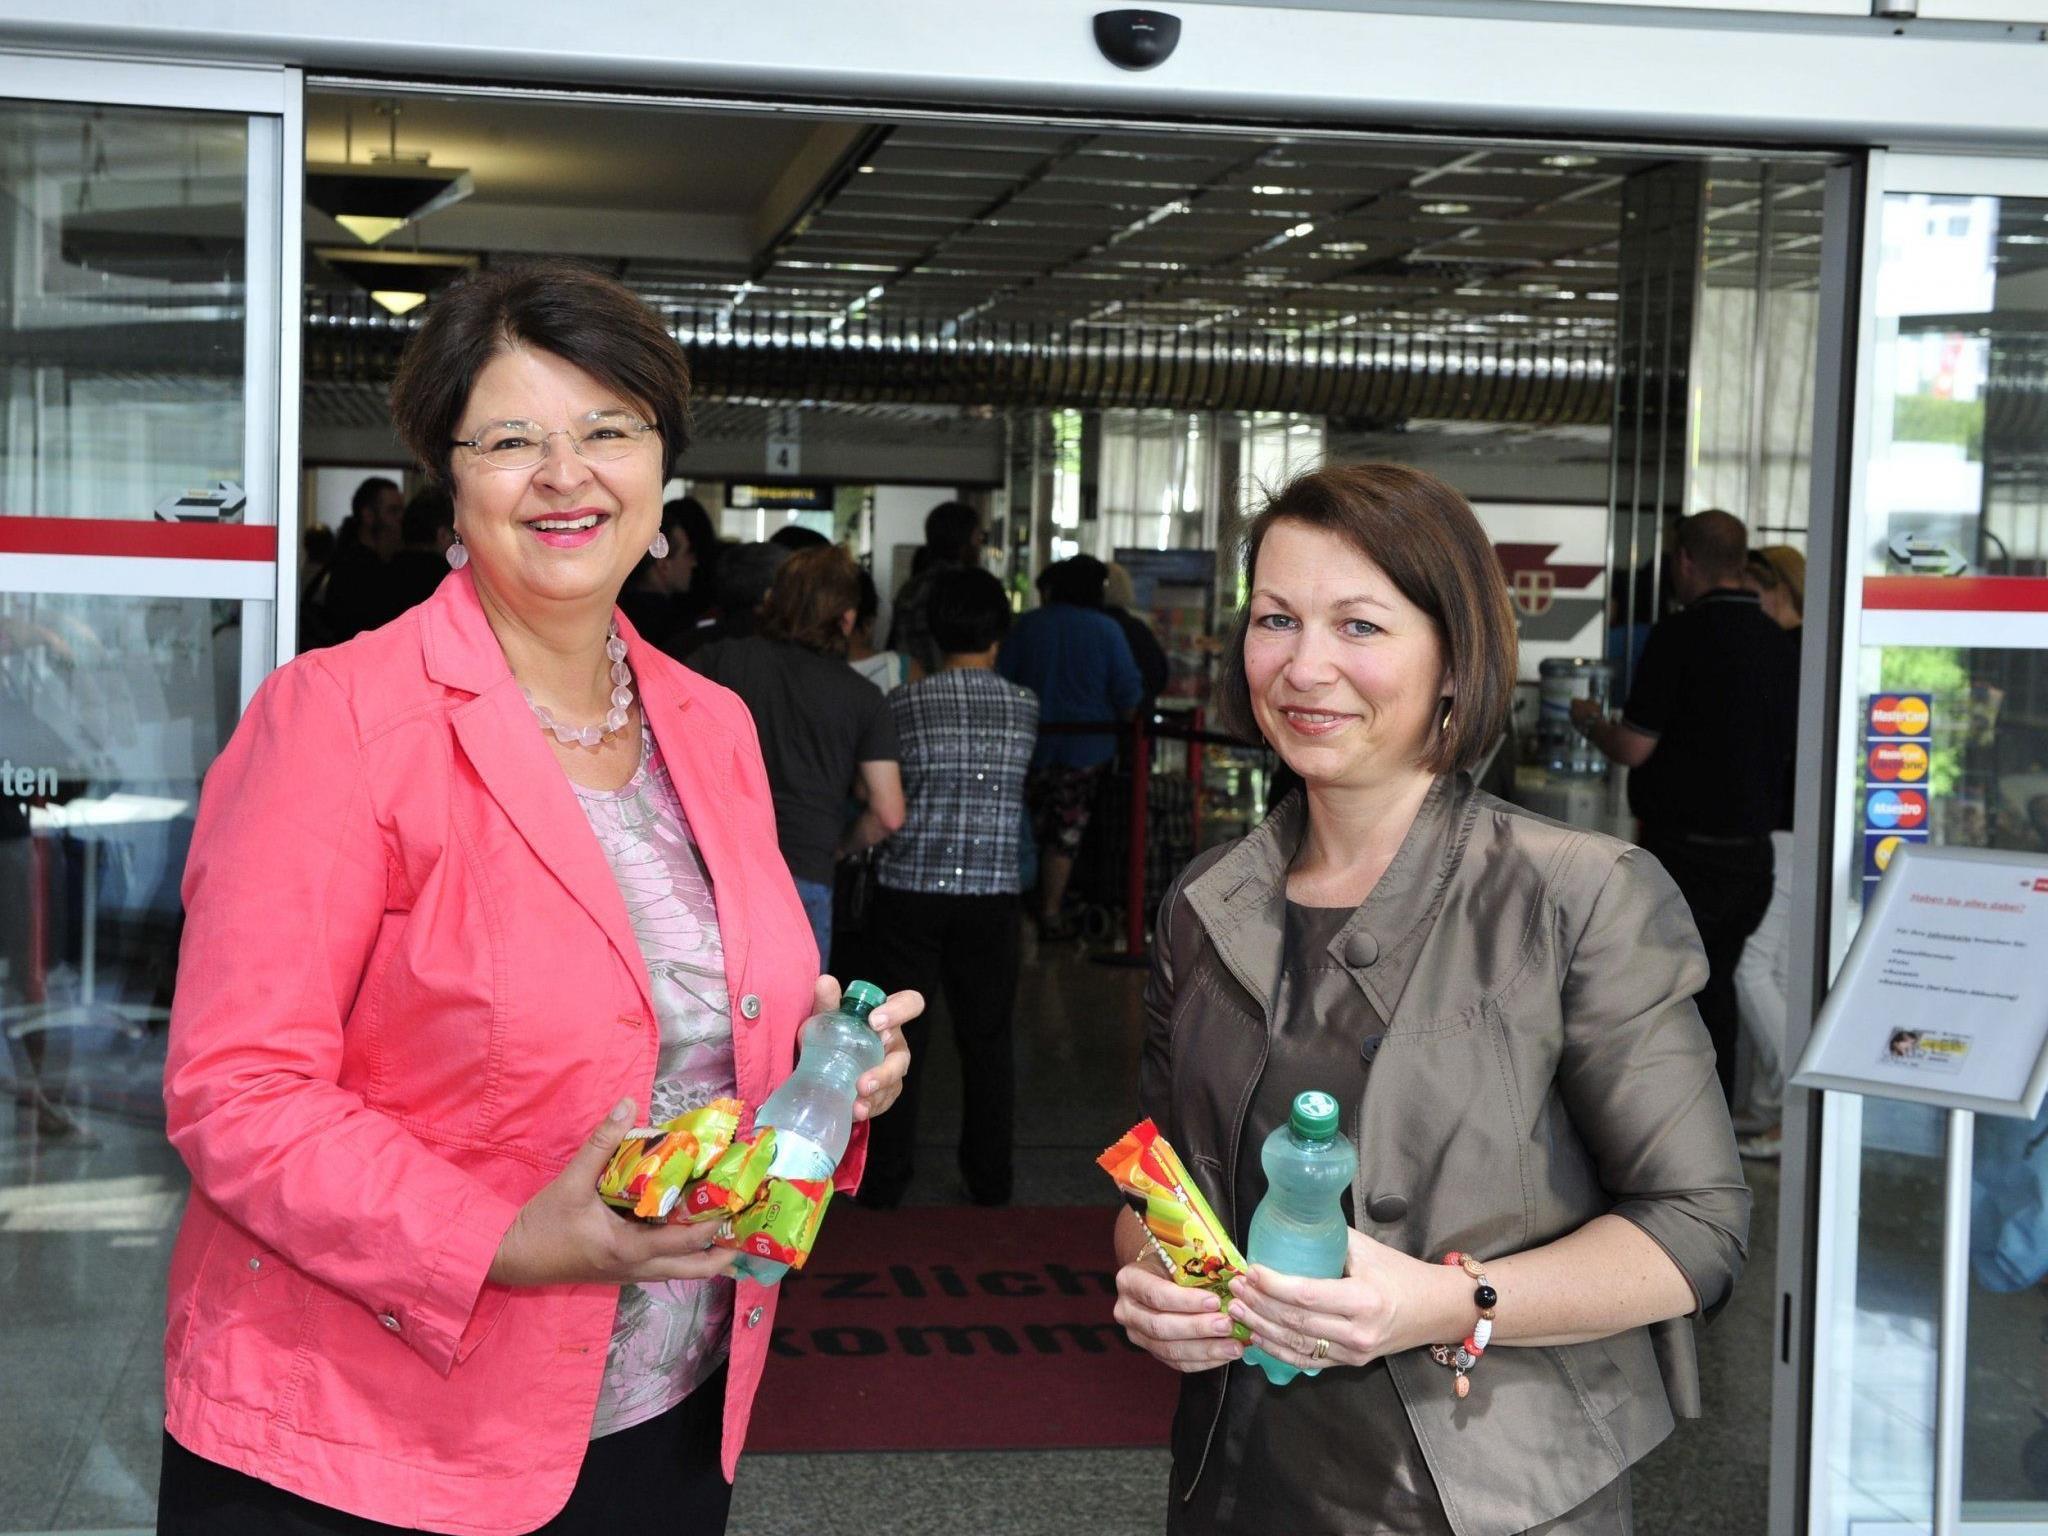 Renate Brauner und Alexandra Reinagl erfrischten die Kunden der Wiener Linien, die sich für die neue Jahreskarte anstellten.